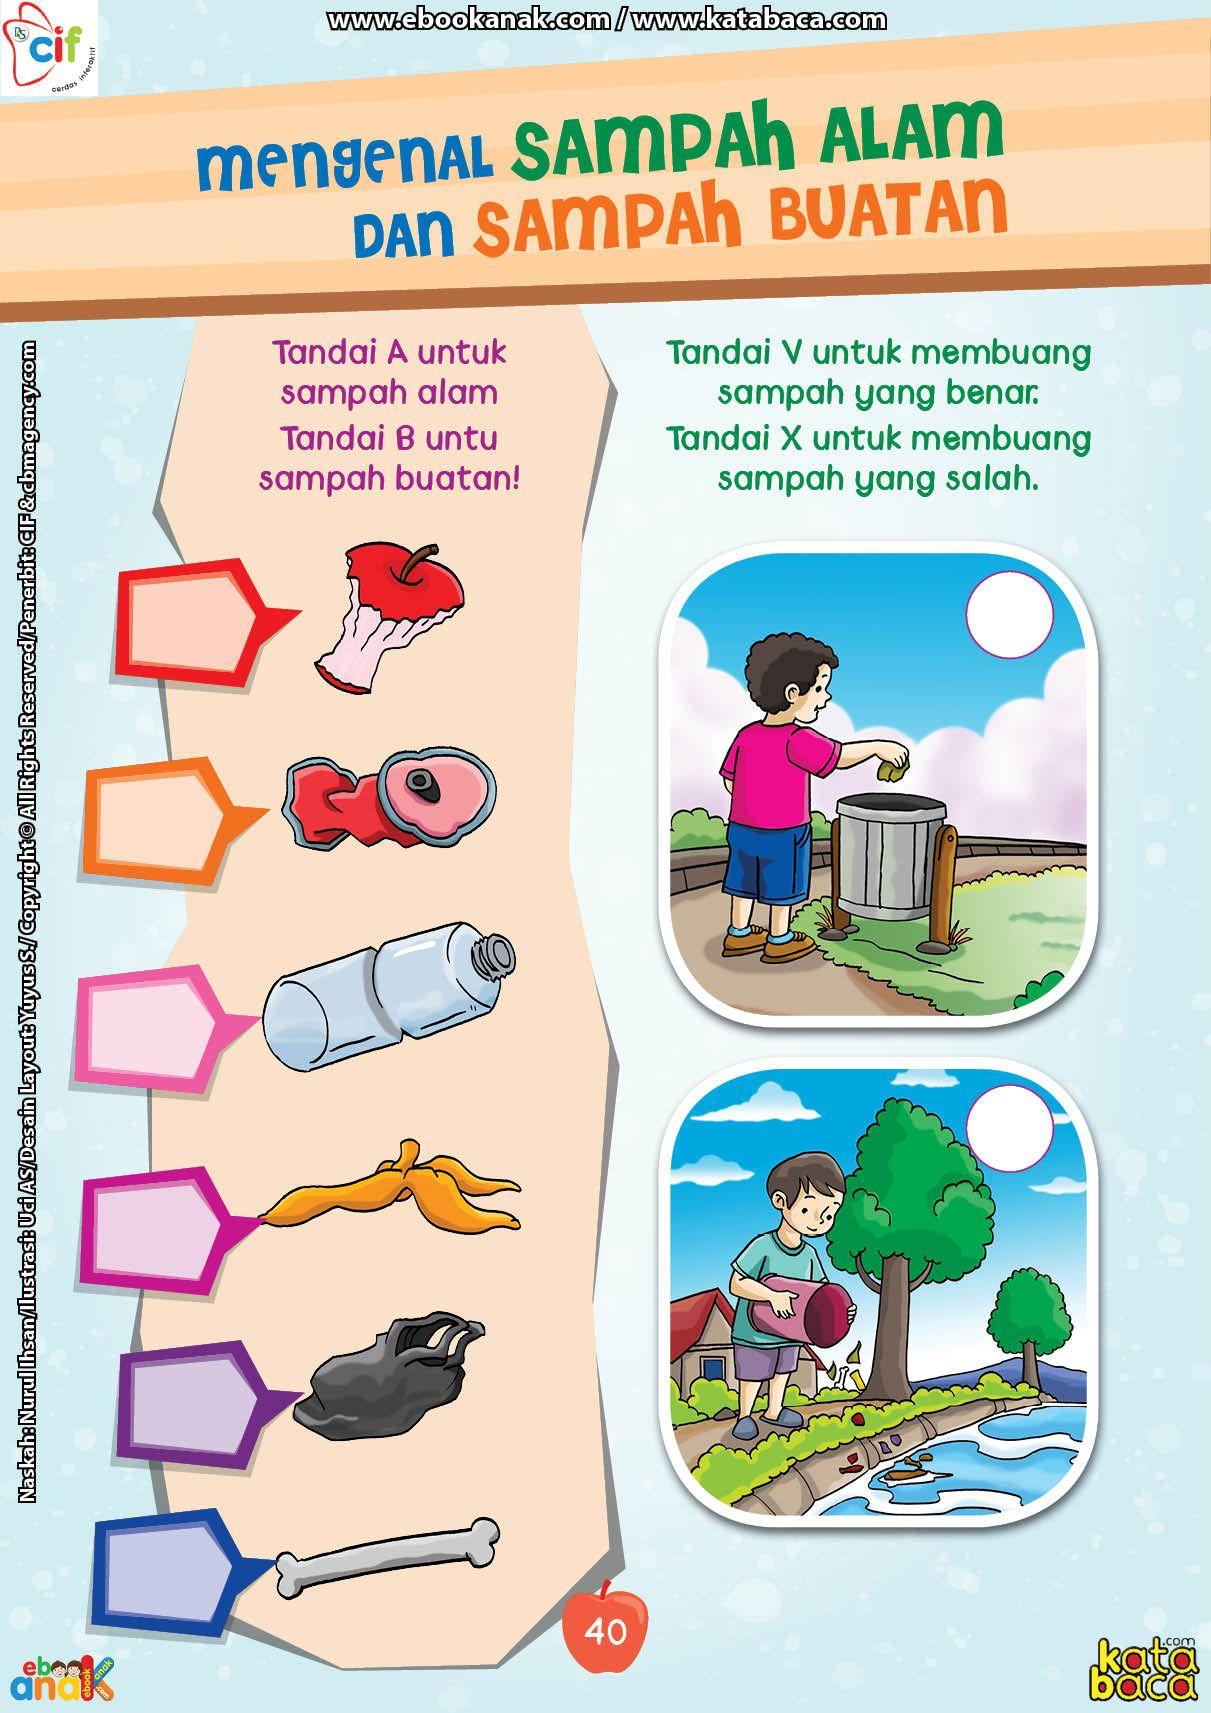 Mengenal Sampah Buatan Dan Sampah Alam Kegiatan Untuk Anak Pendidikan Pendidikan Anak Usia Dini